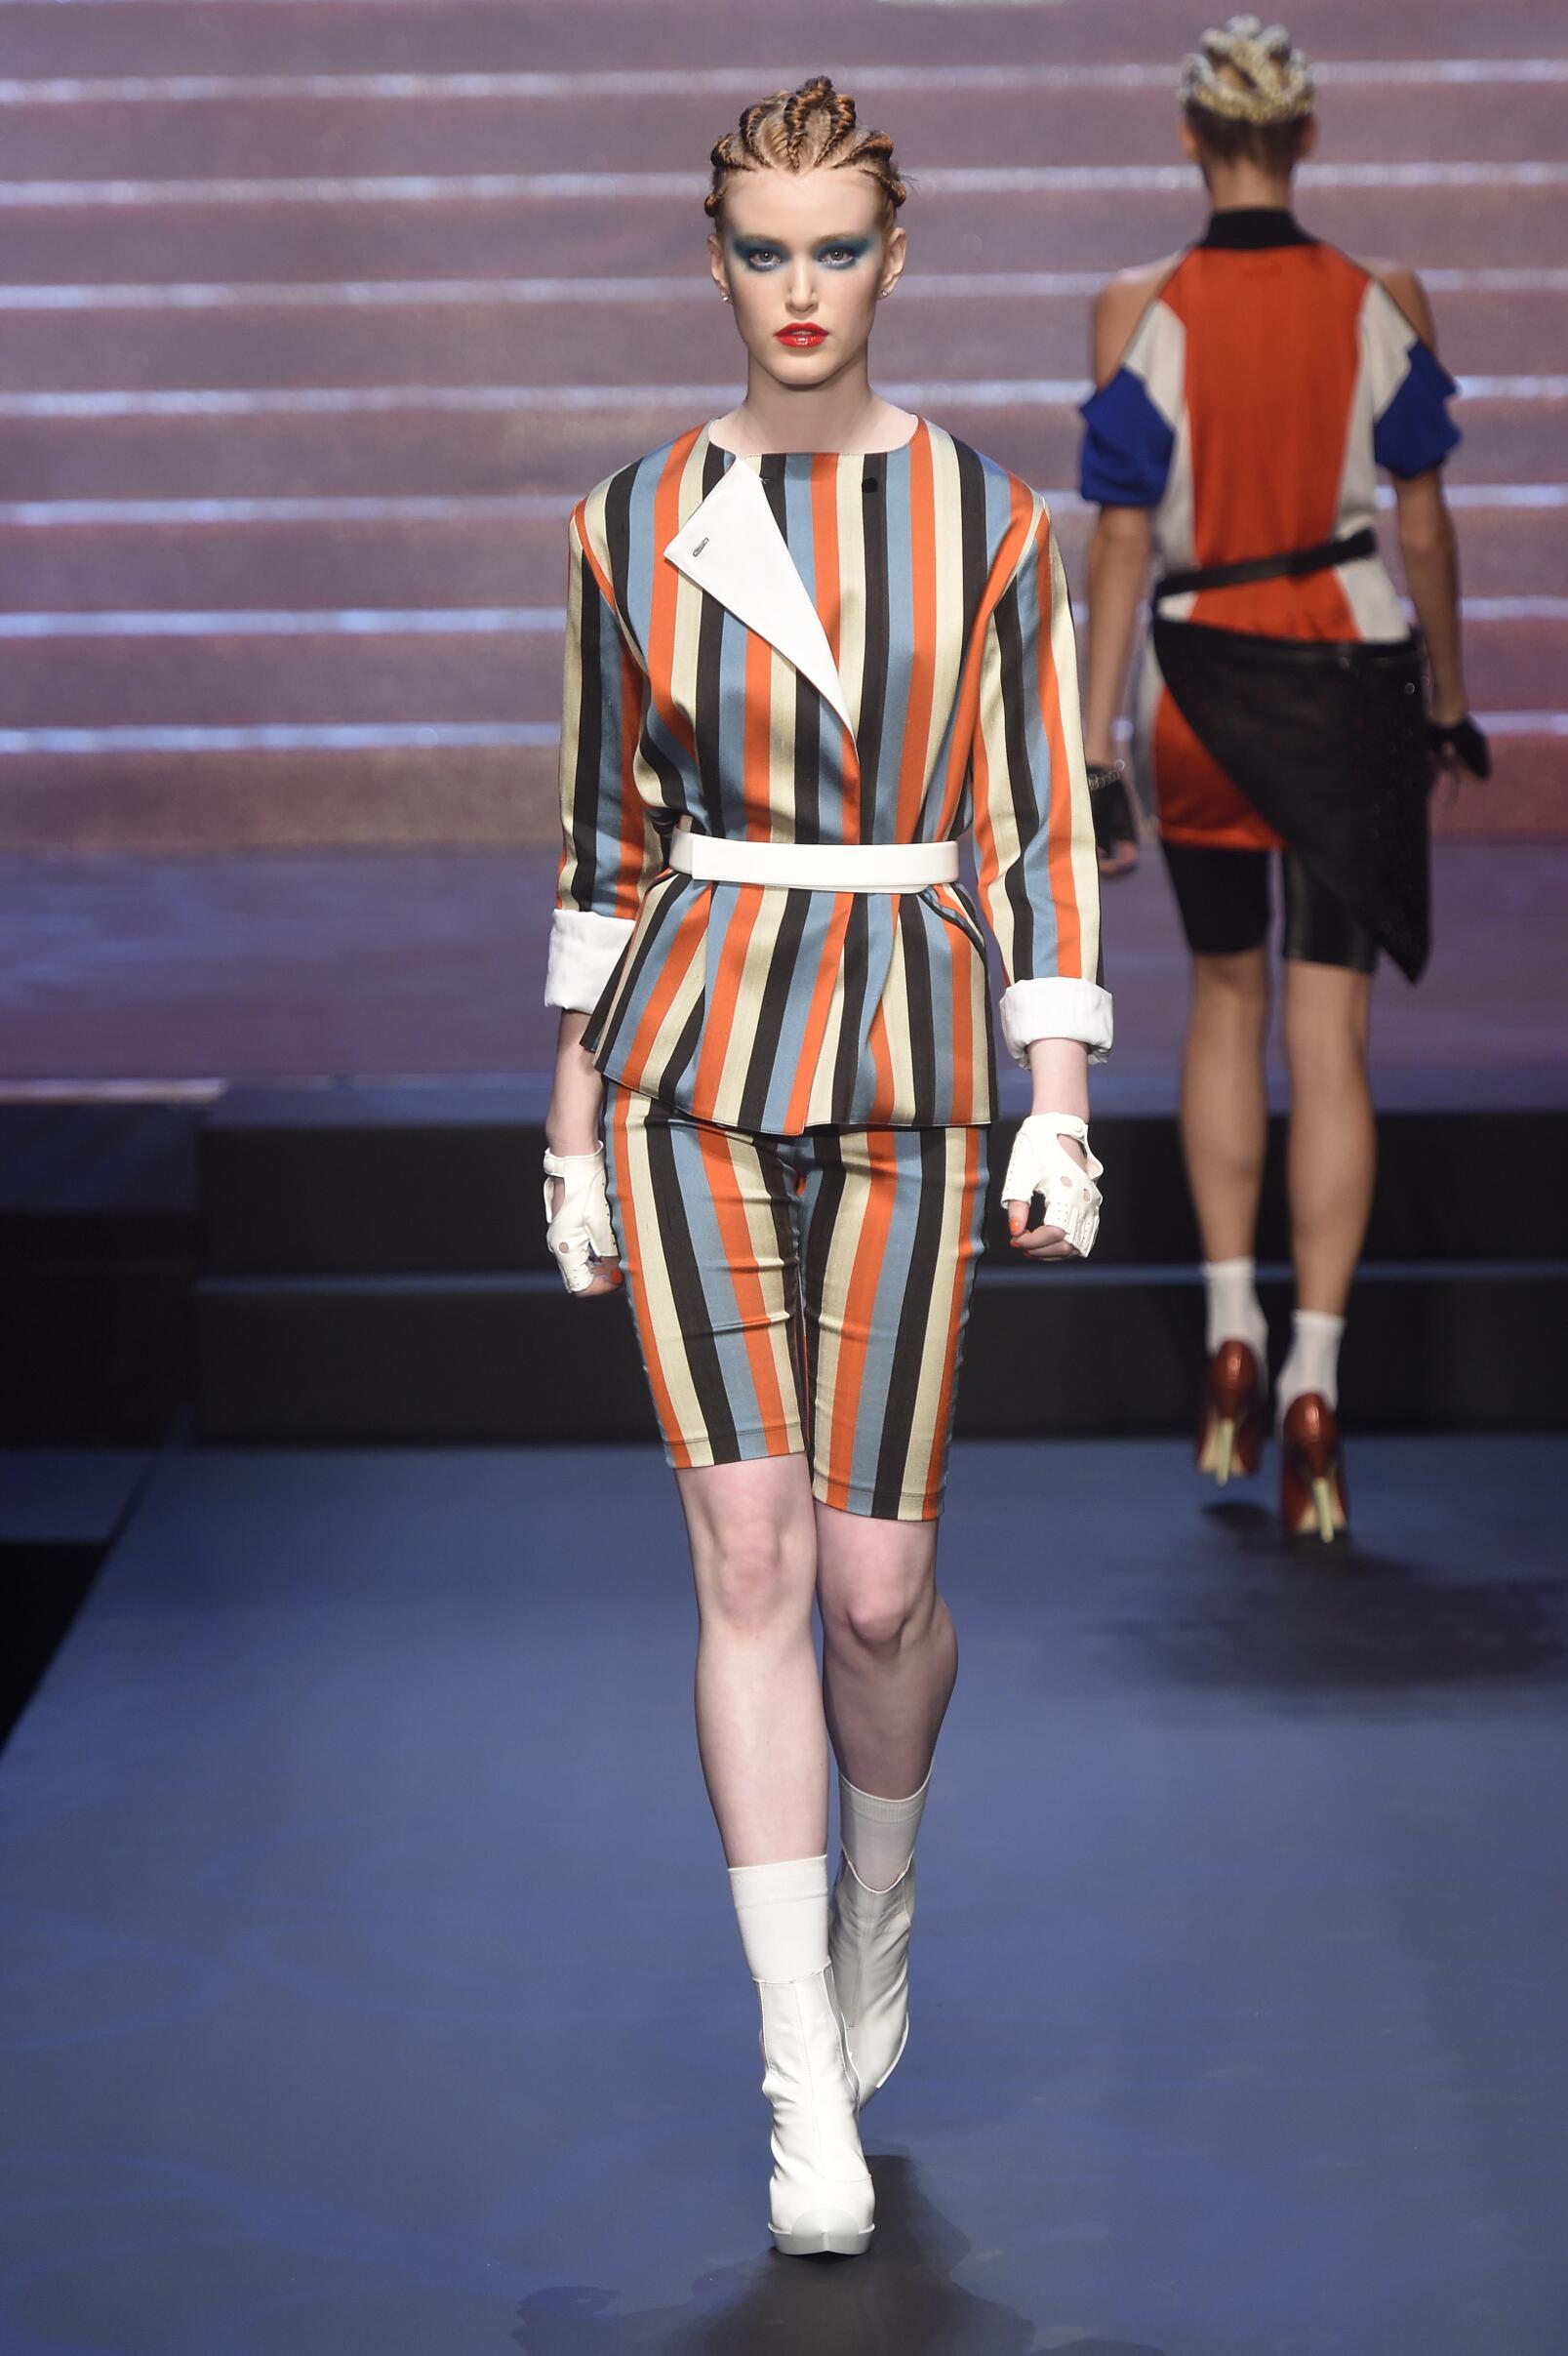 Fashion Woman Model Jean Paul Gaultier Catwalk